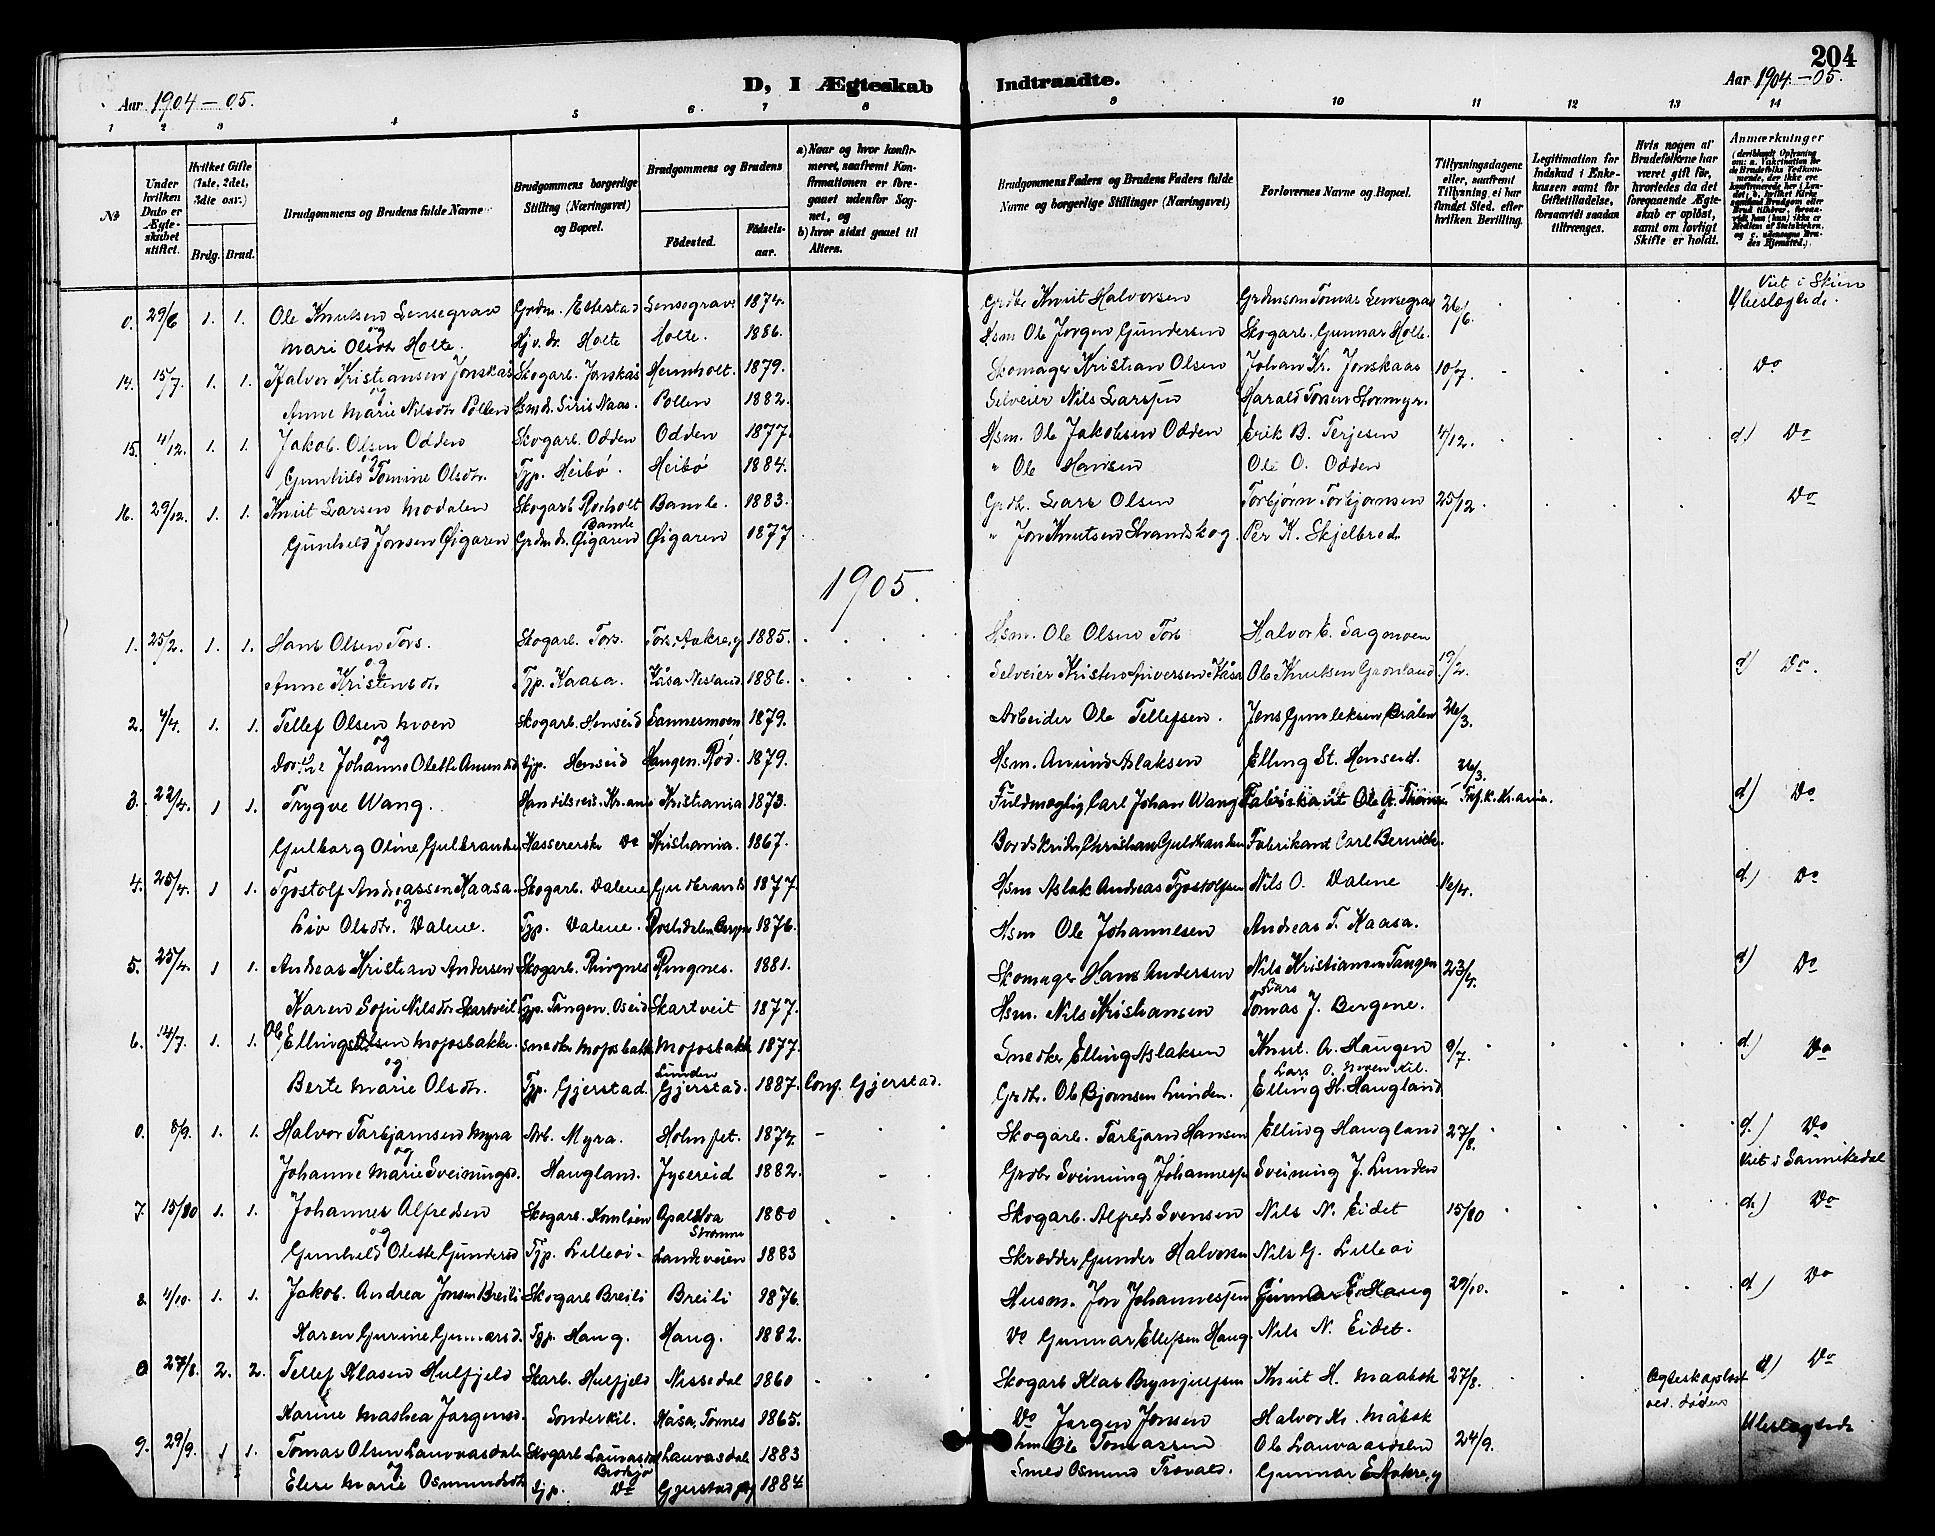 SAKO, Drangedal kirkebøker, G/Ga/L0003: Klokkerbok nr. I 3, 1887-1906, s. 204